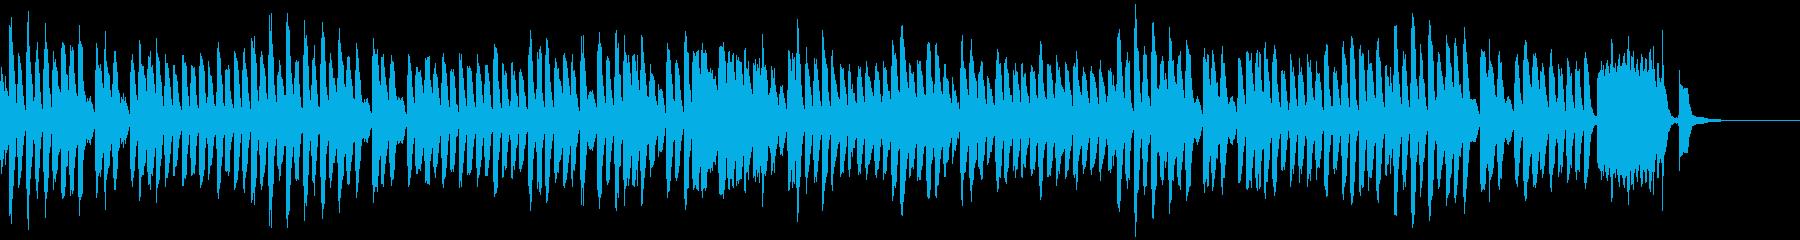 コミカルでかわいらしいピアノソロの再生済みの波形